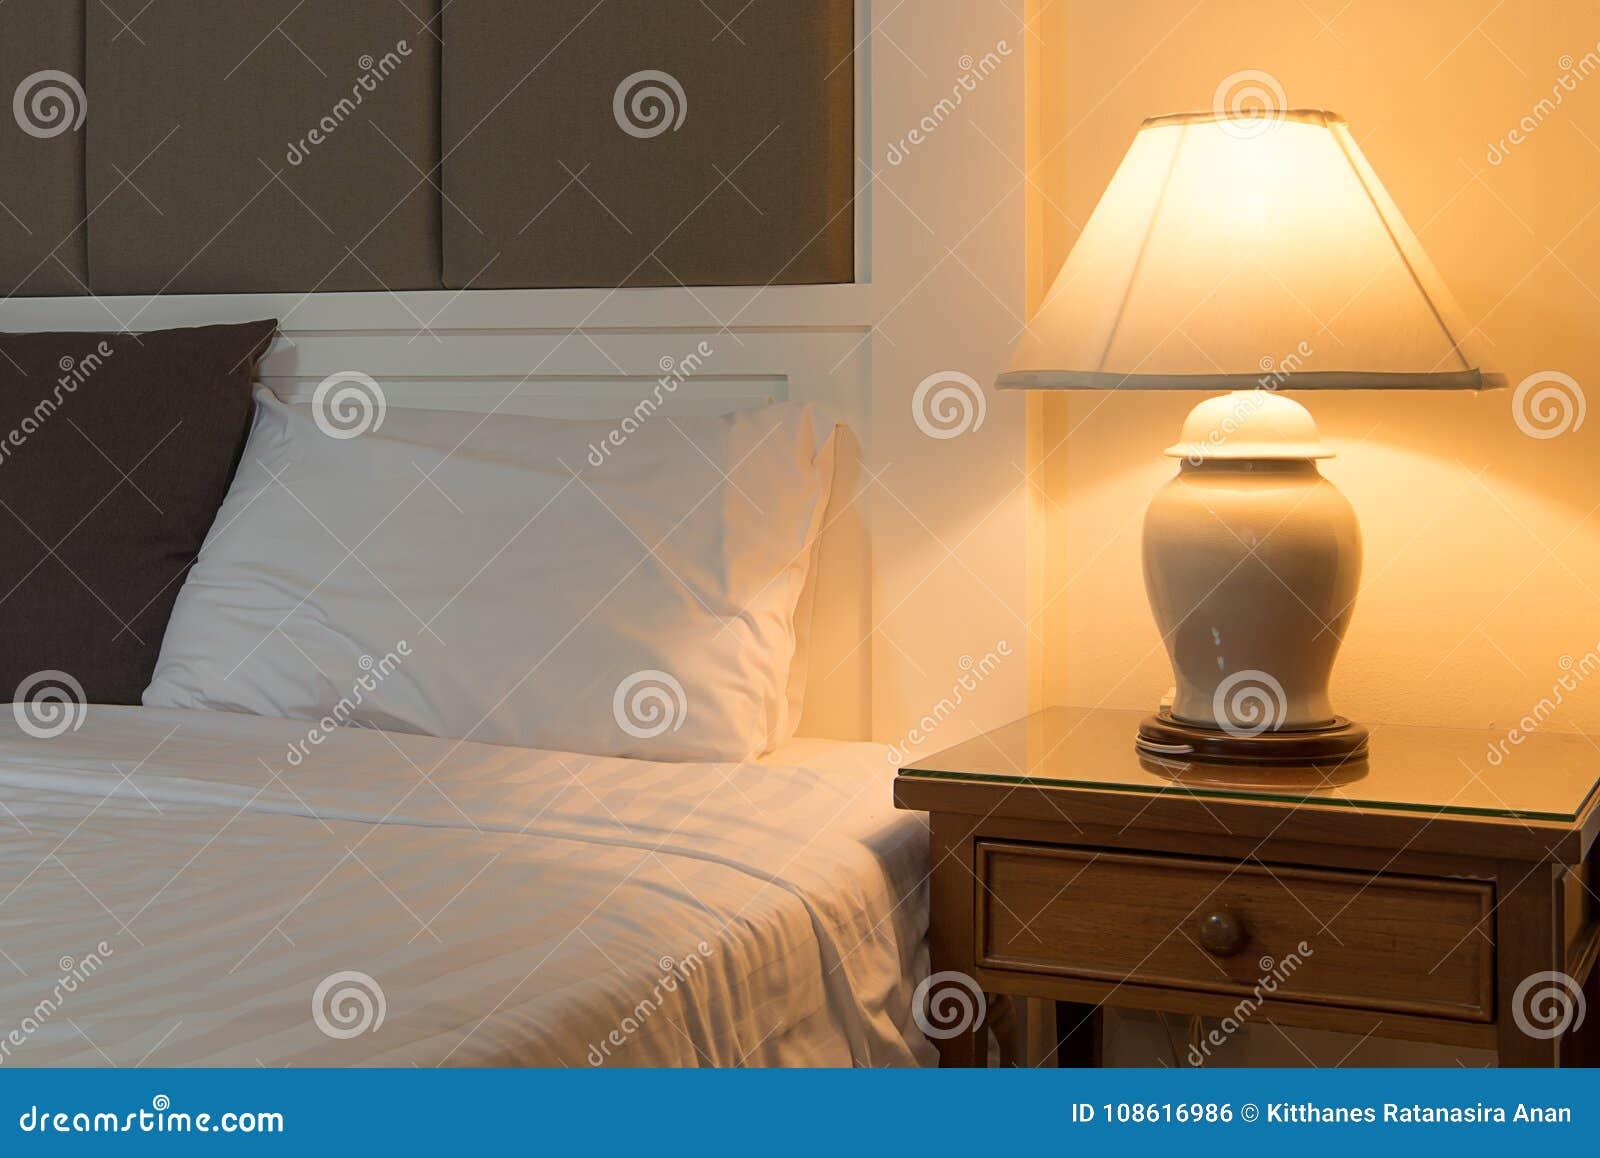 Une De Table Nuit Côté À Classique Photo Lit Lampe Sur Stock tQdCrshx